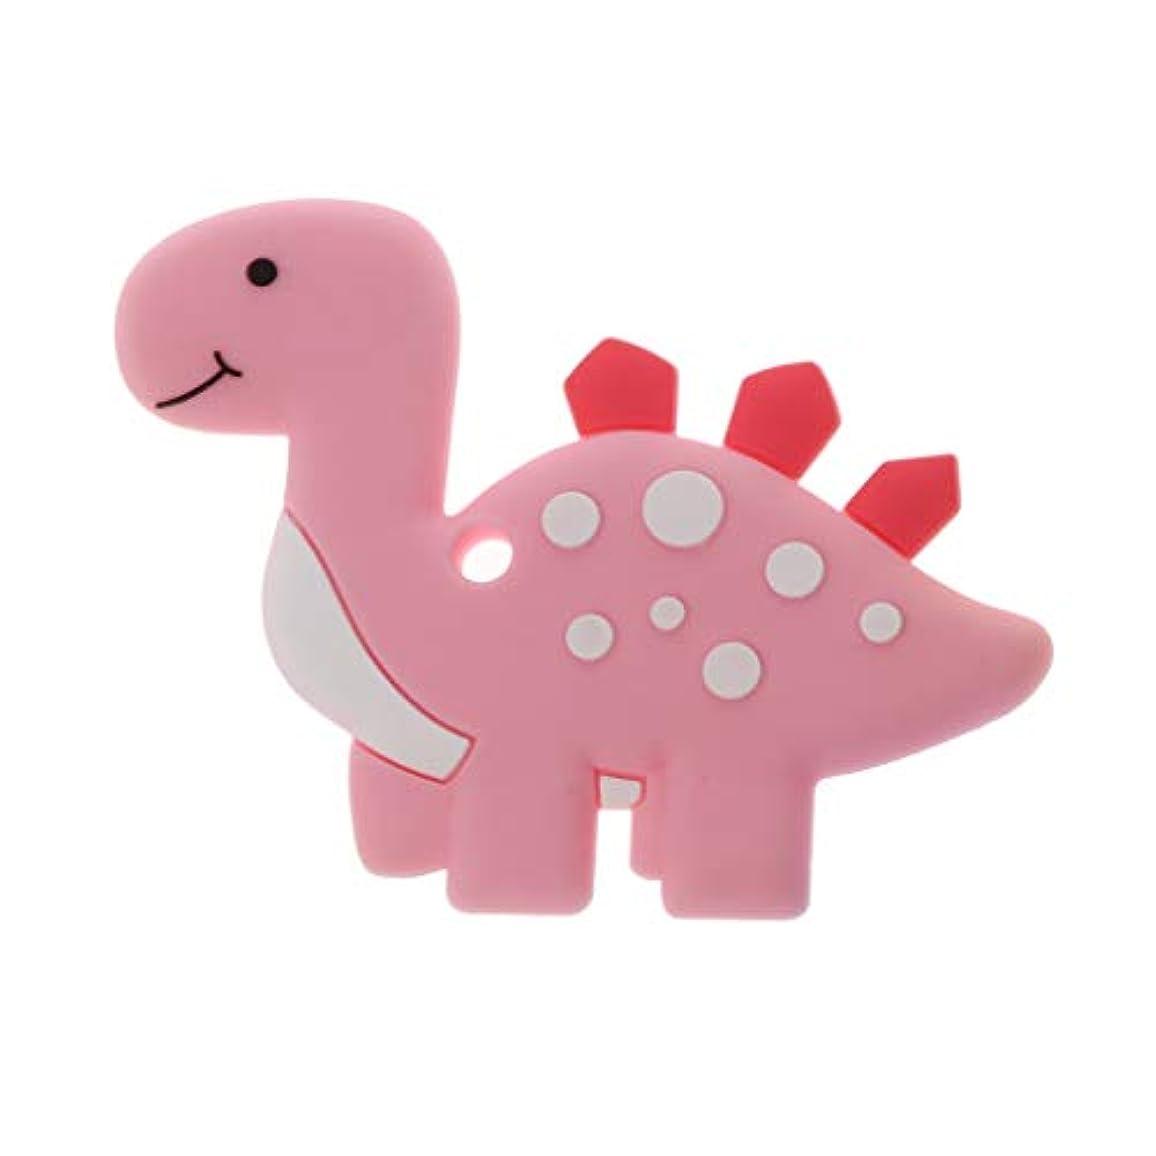 集まるハドル仲間、同僚Landdumシリコーンおしゃぶり恐竜おしゃべり赤ちゃん看護玩具かむ玩具歯が生えるガラガラおもちゃ - ロイヤルブルー